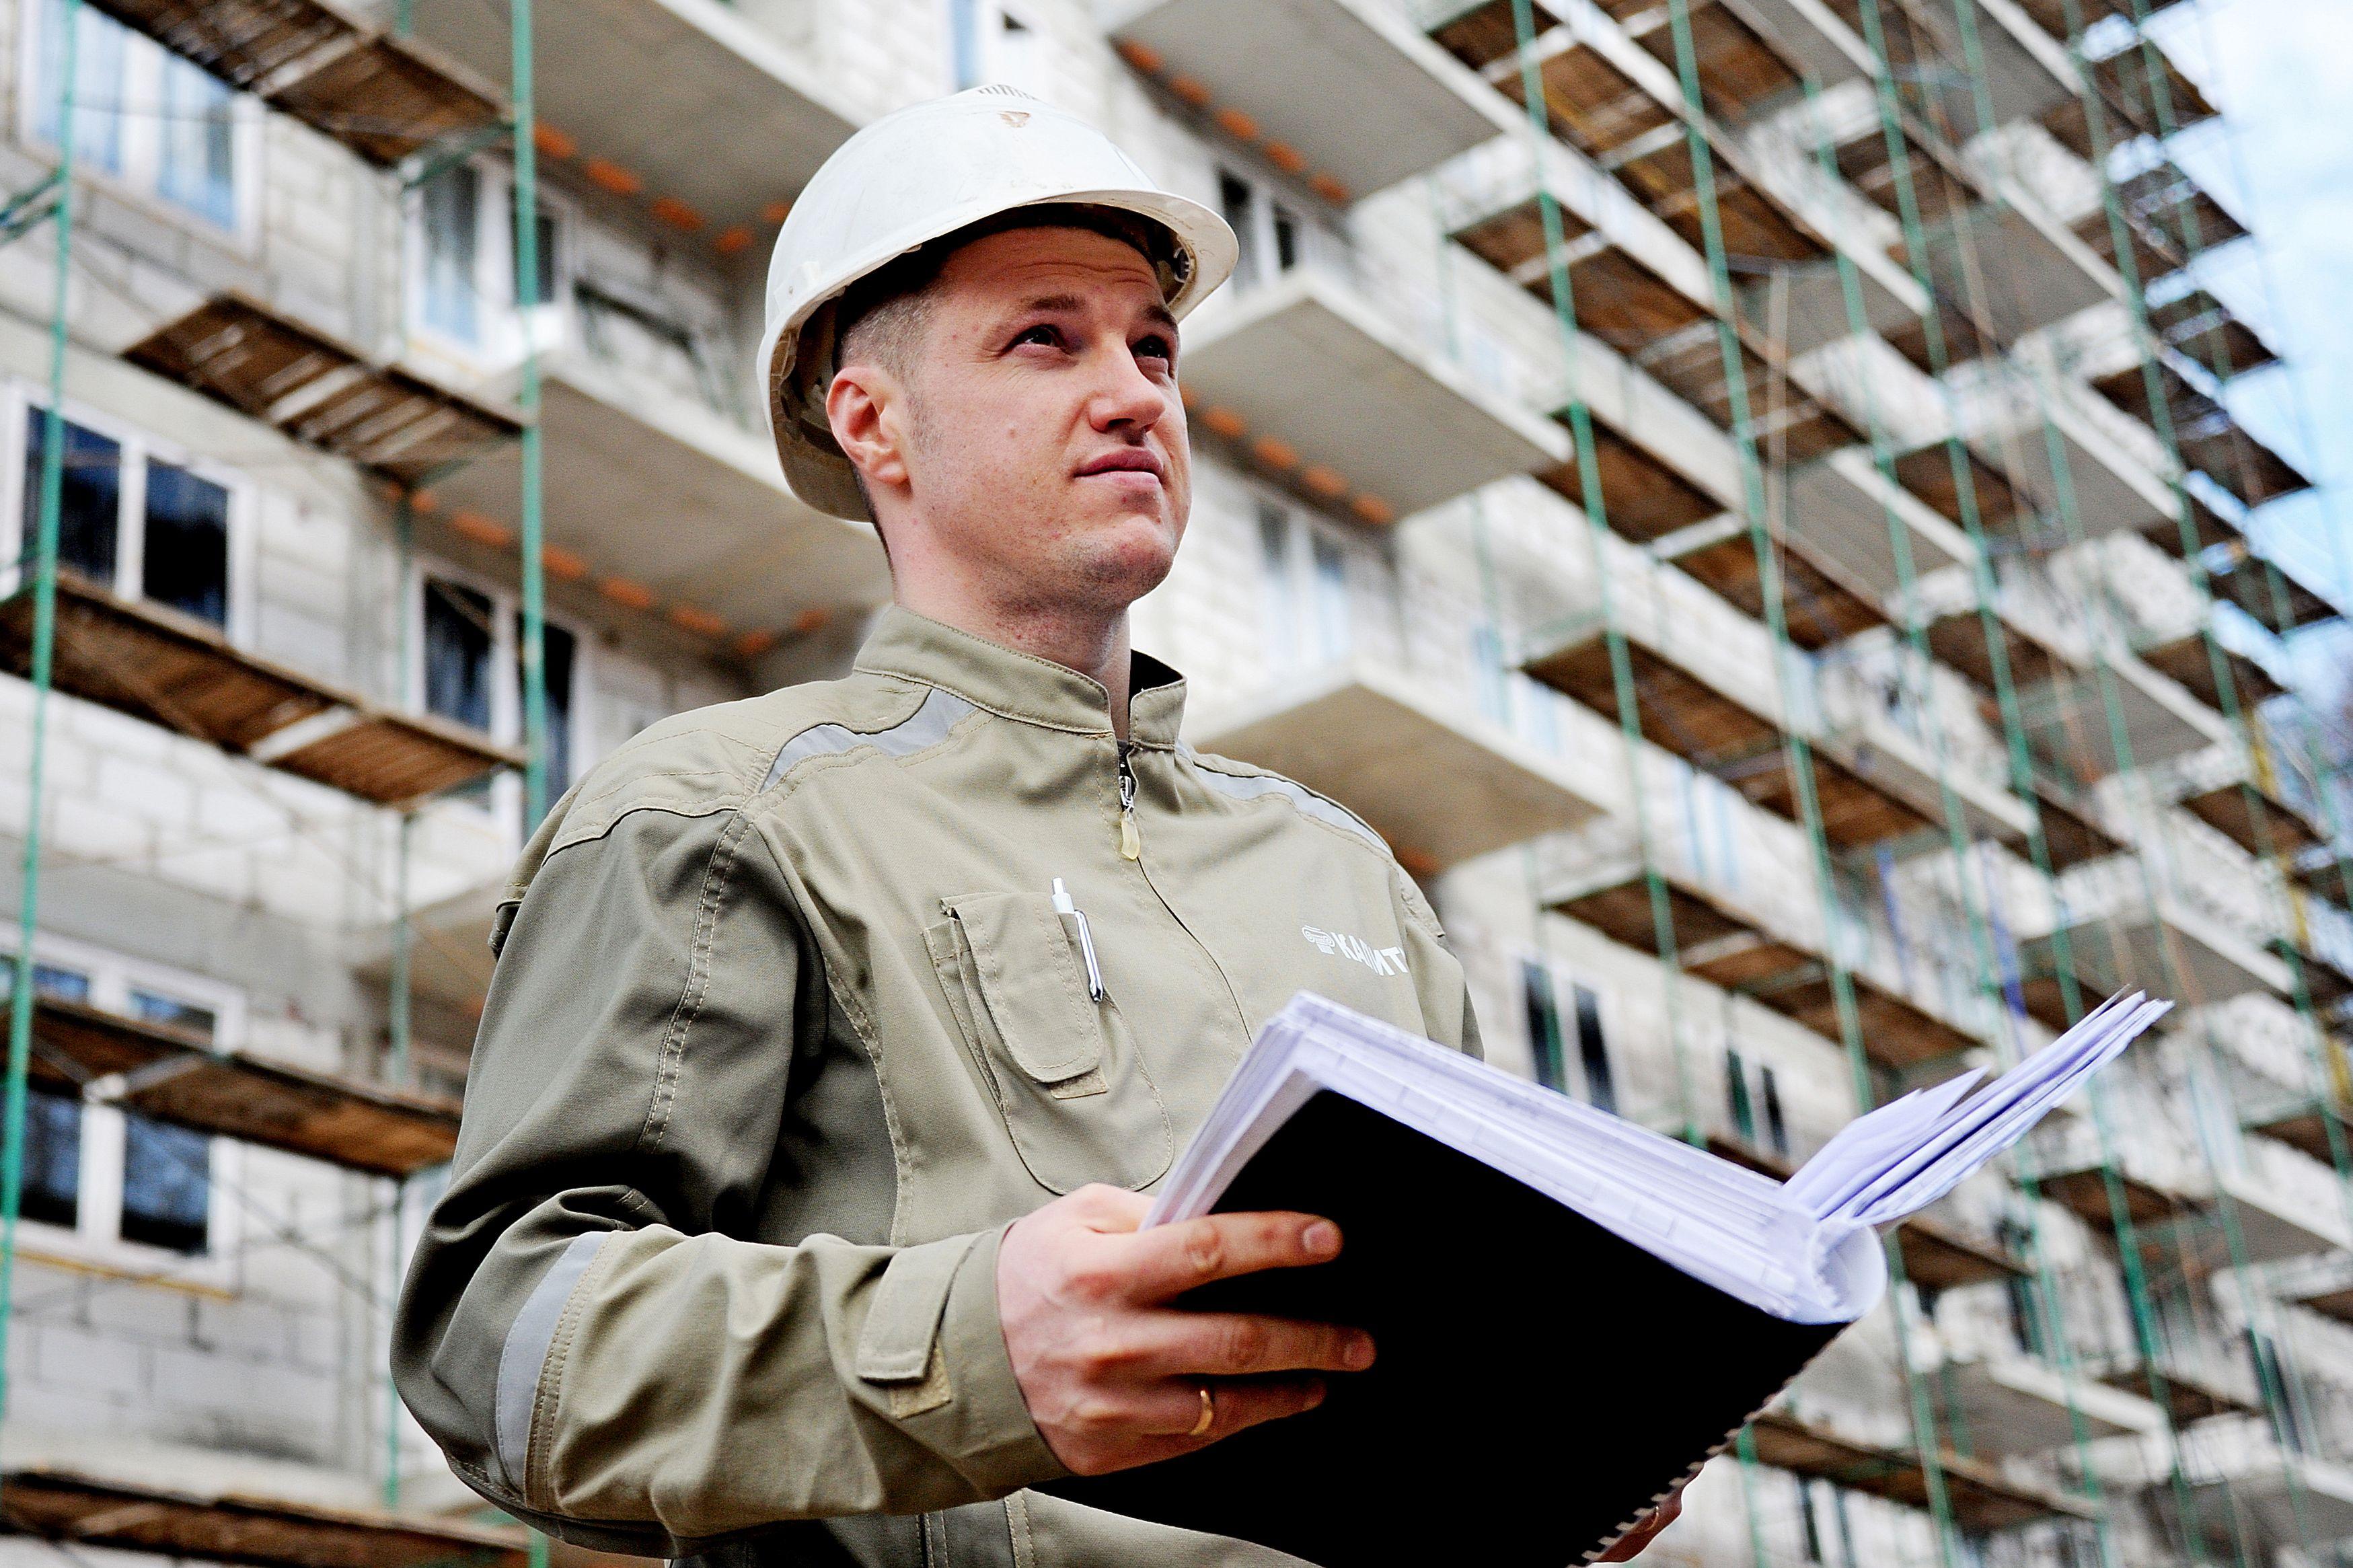 Система «Умные ладошки» помогает контролировать стройки Москвы